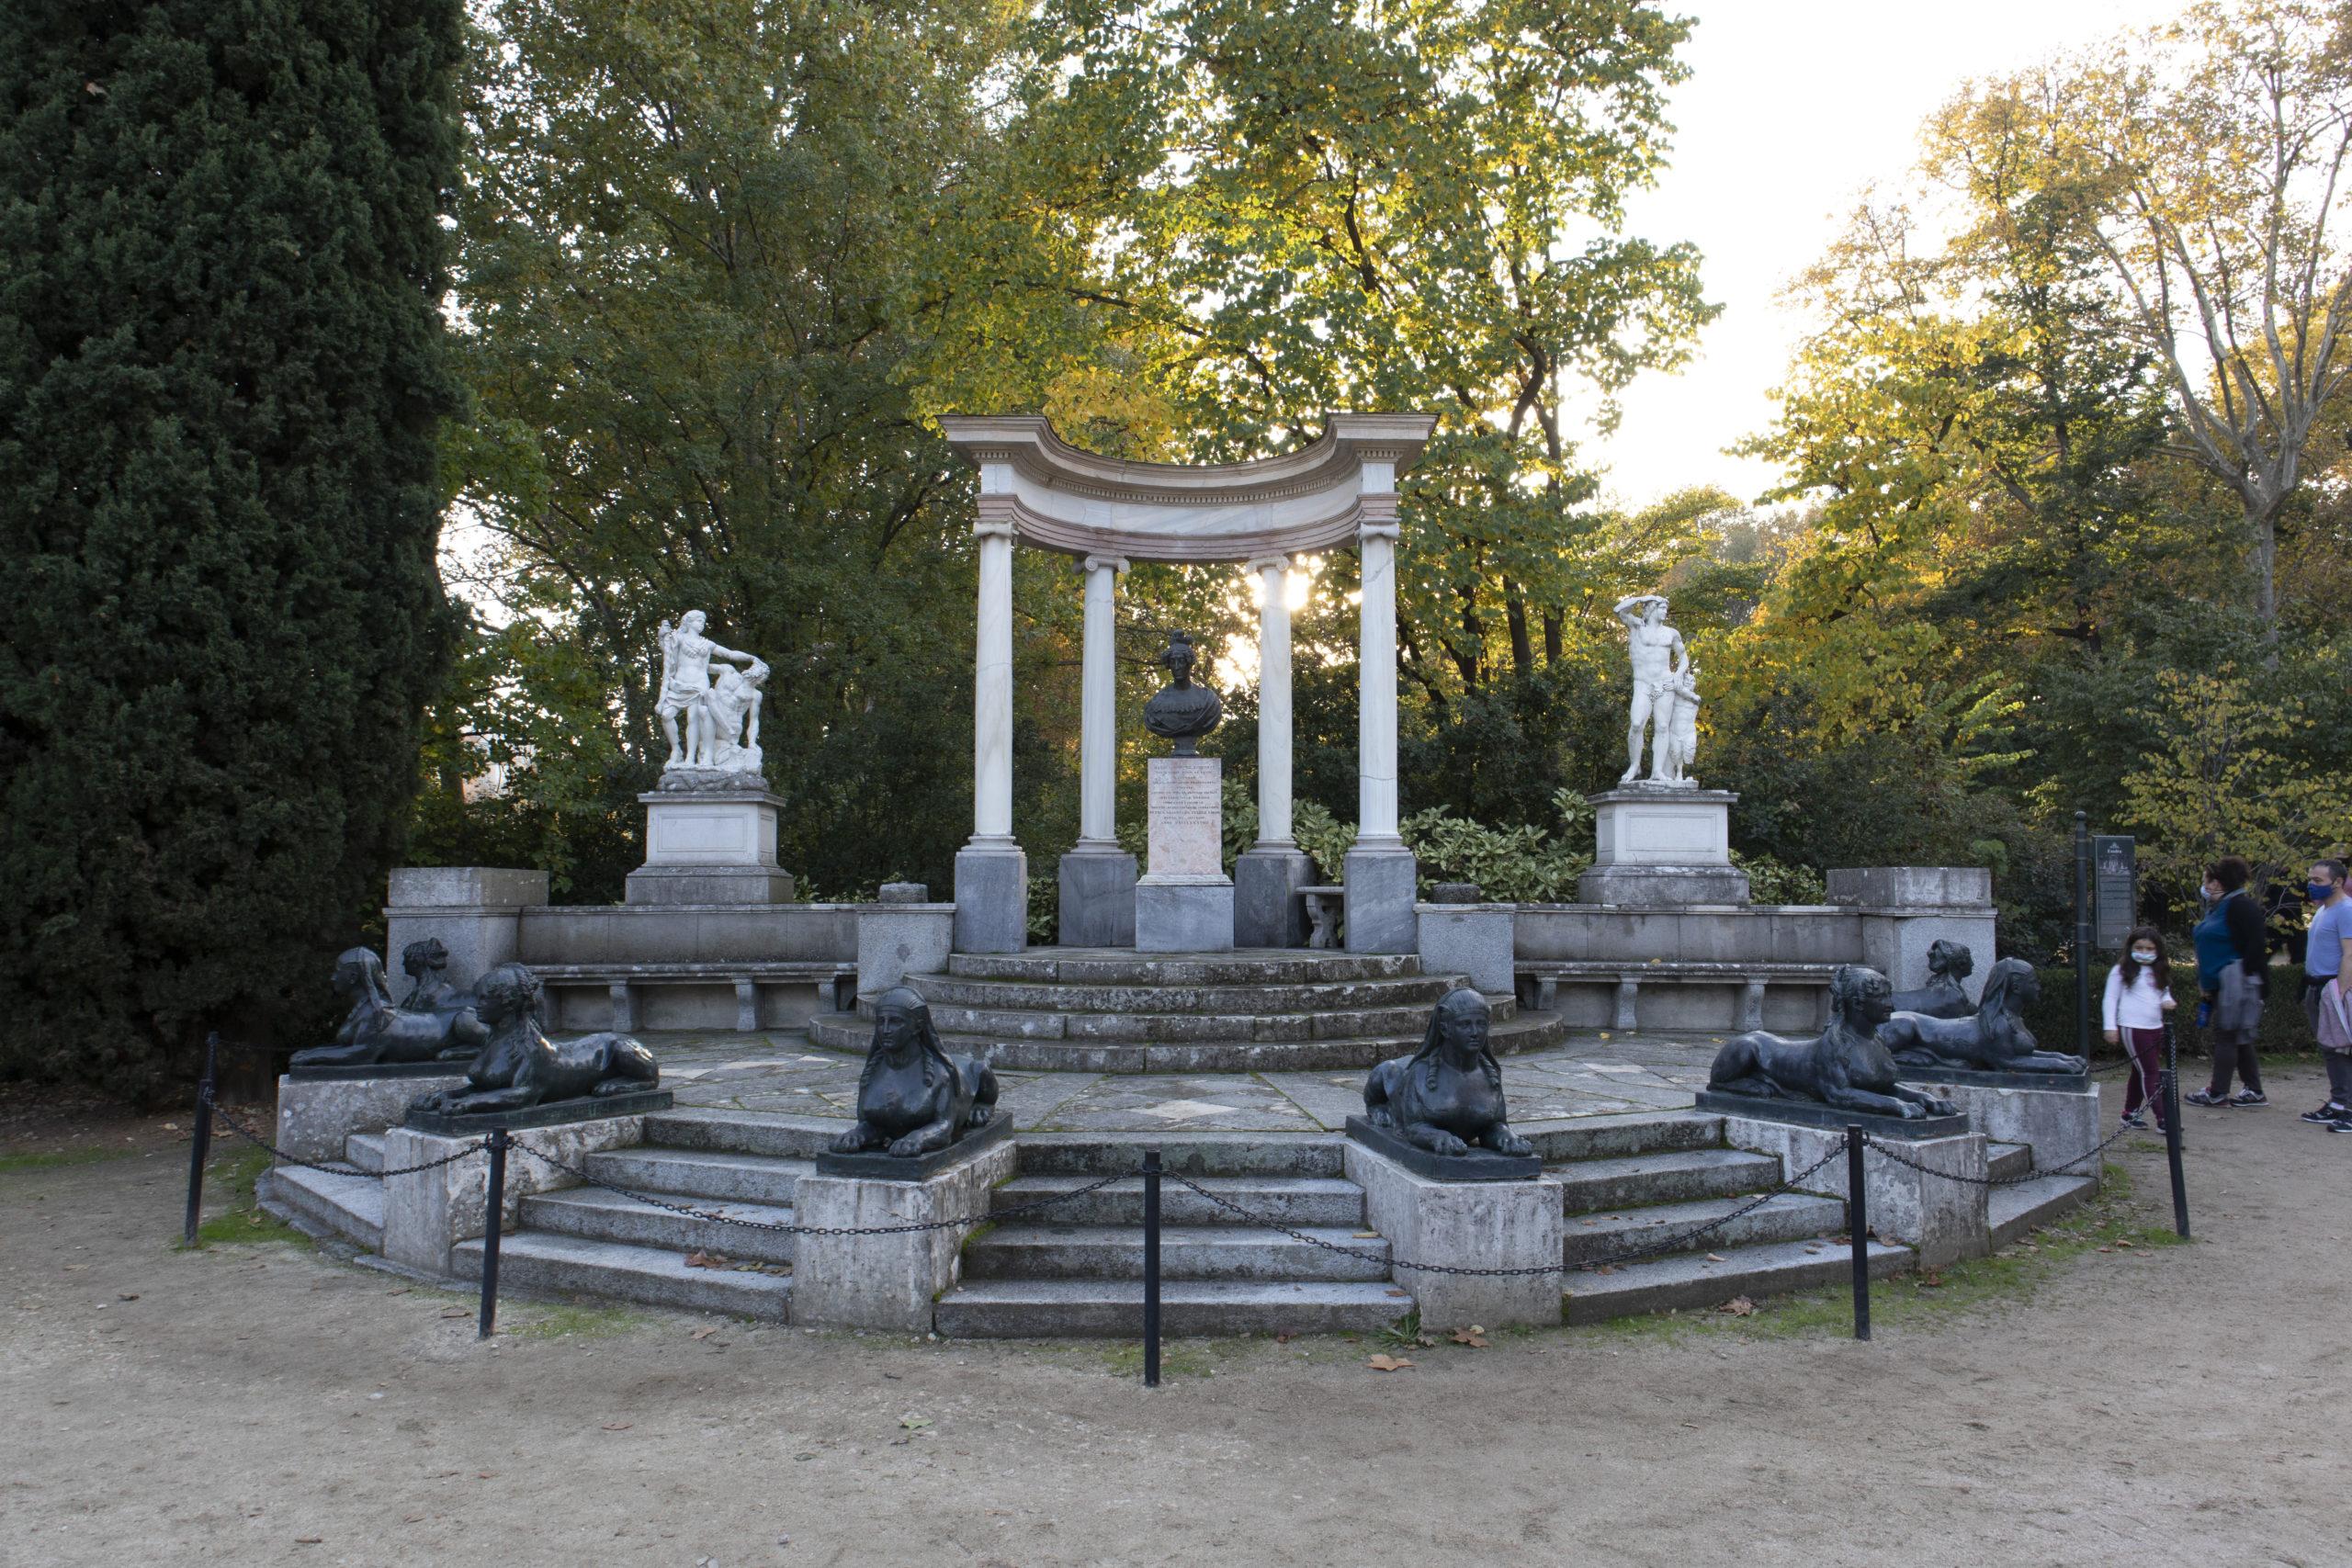 plaza-Emperadores-parque-capricho